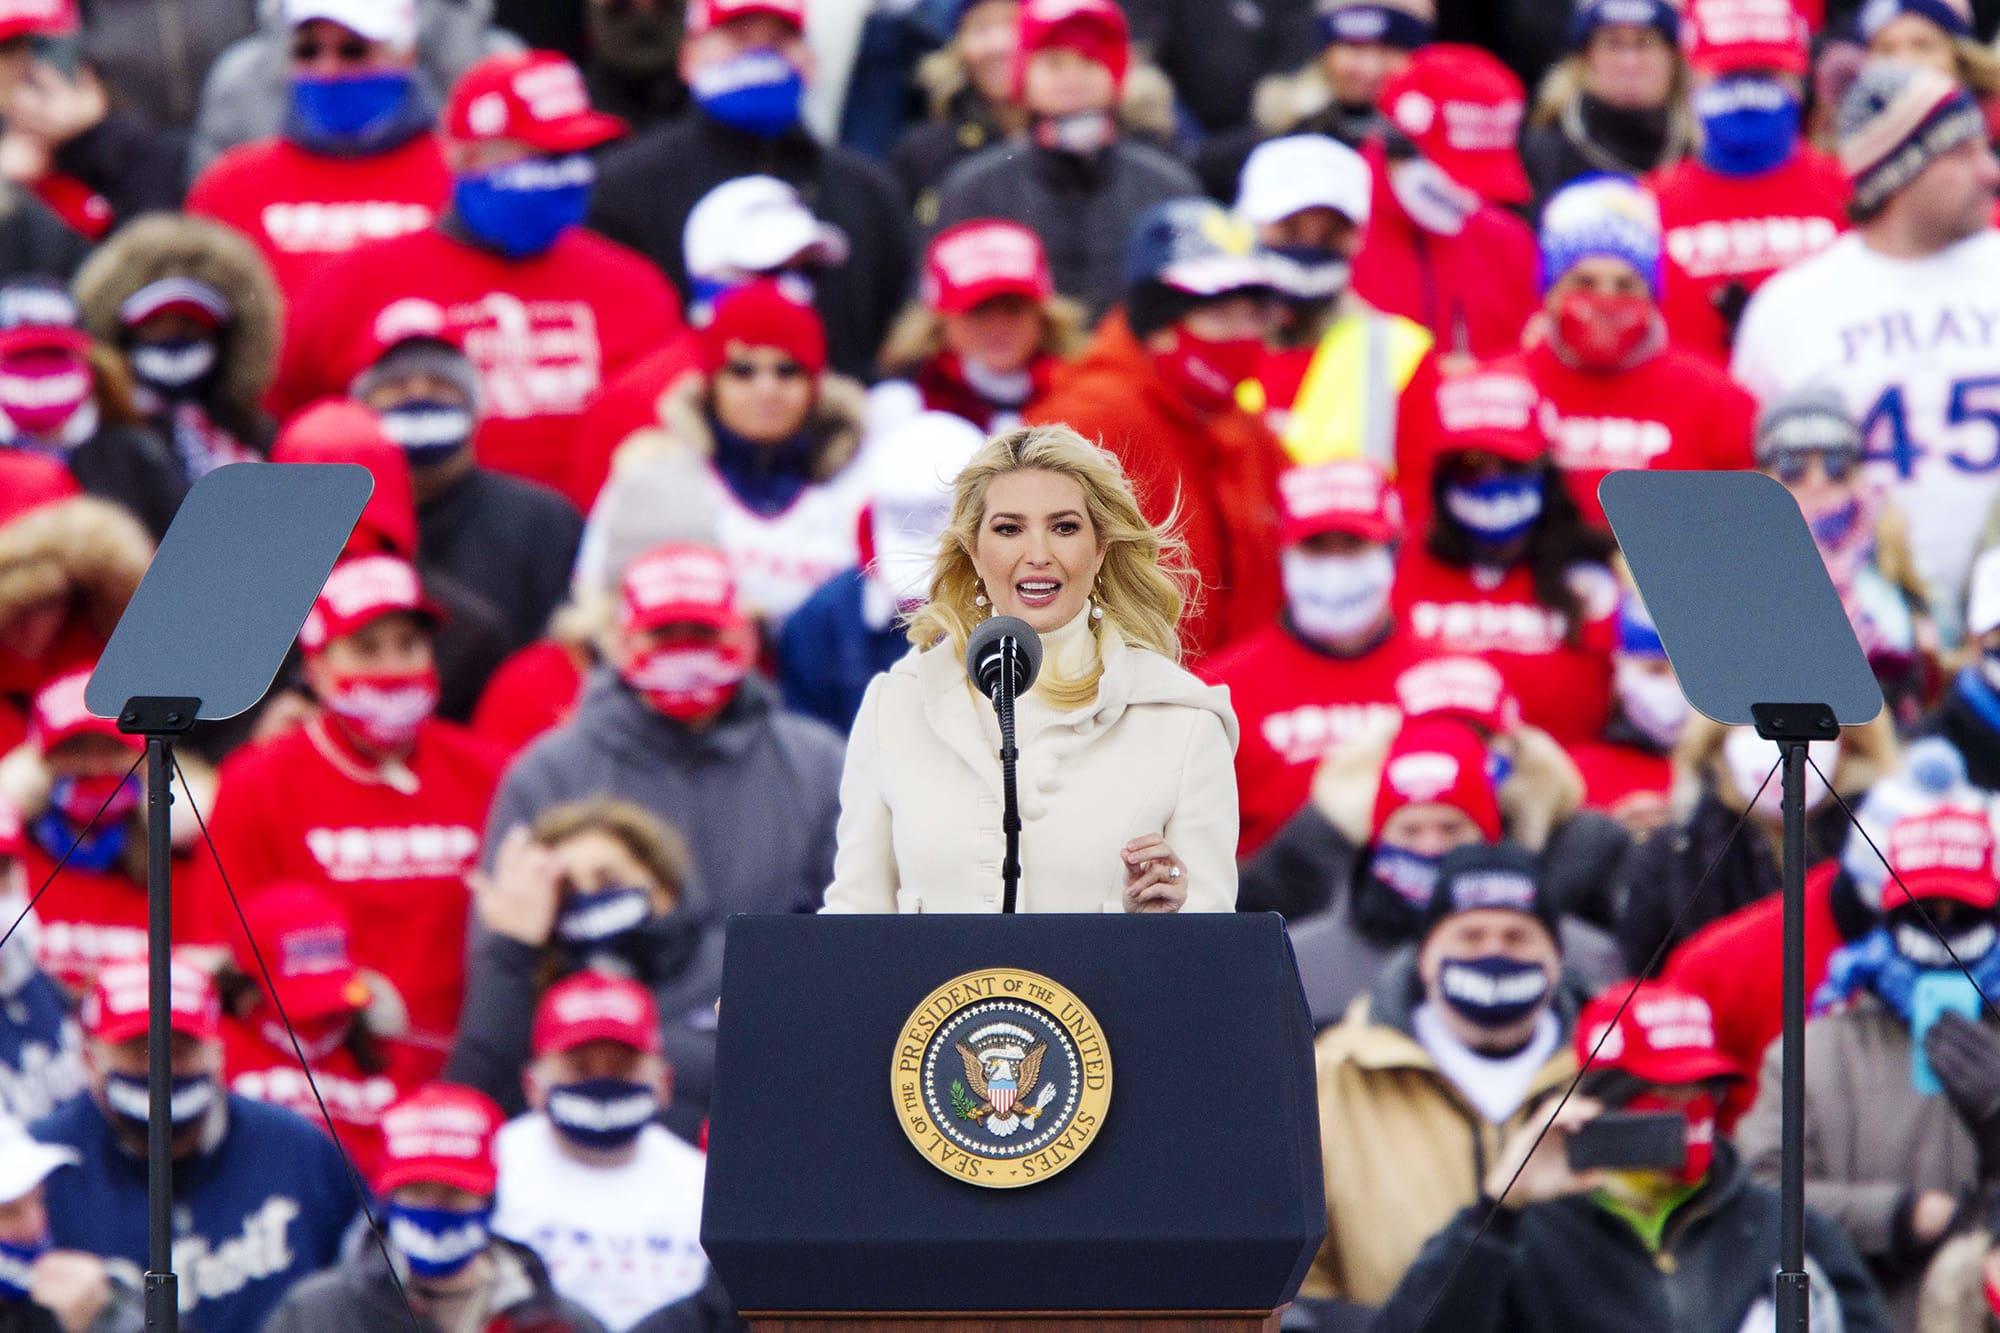 Ivanka Trump piti puheen isänsä presidentti Donald Trumpin vaalitilaisuudessa Michiganissa.